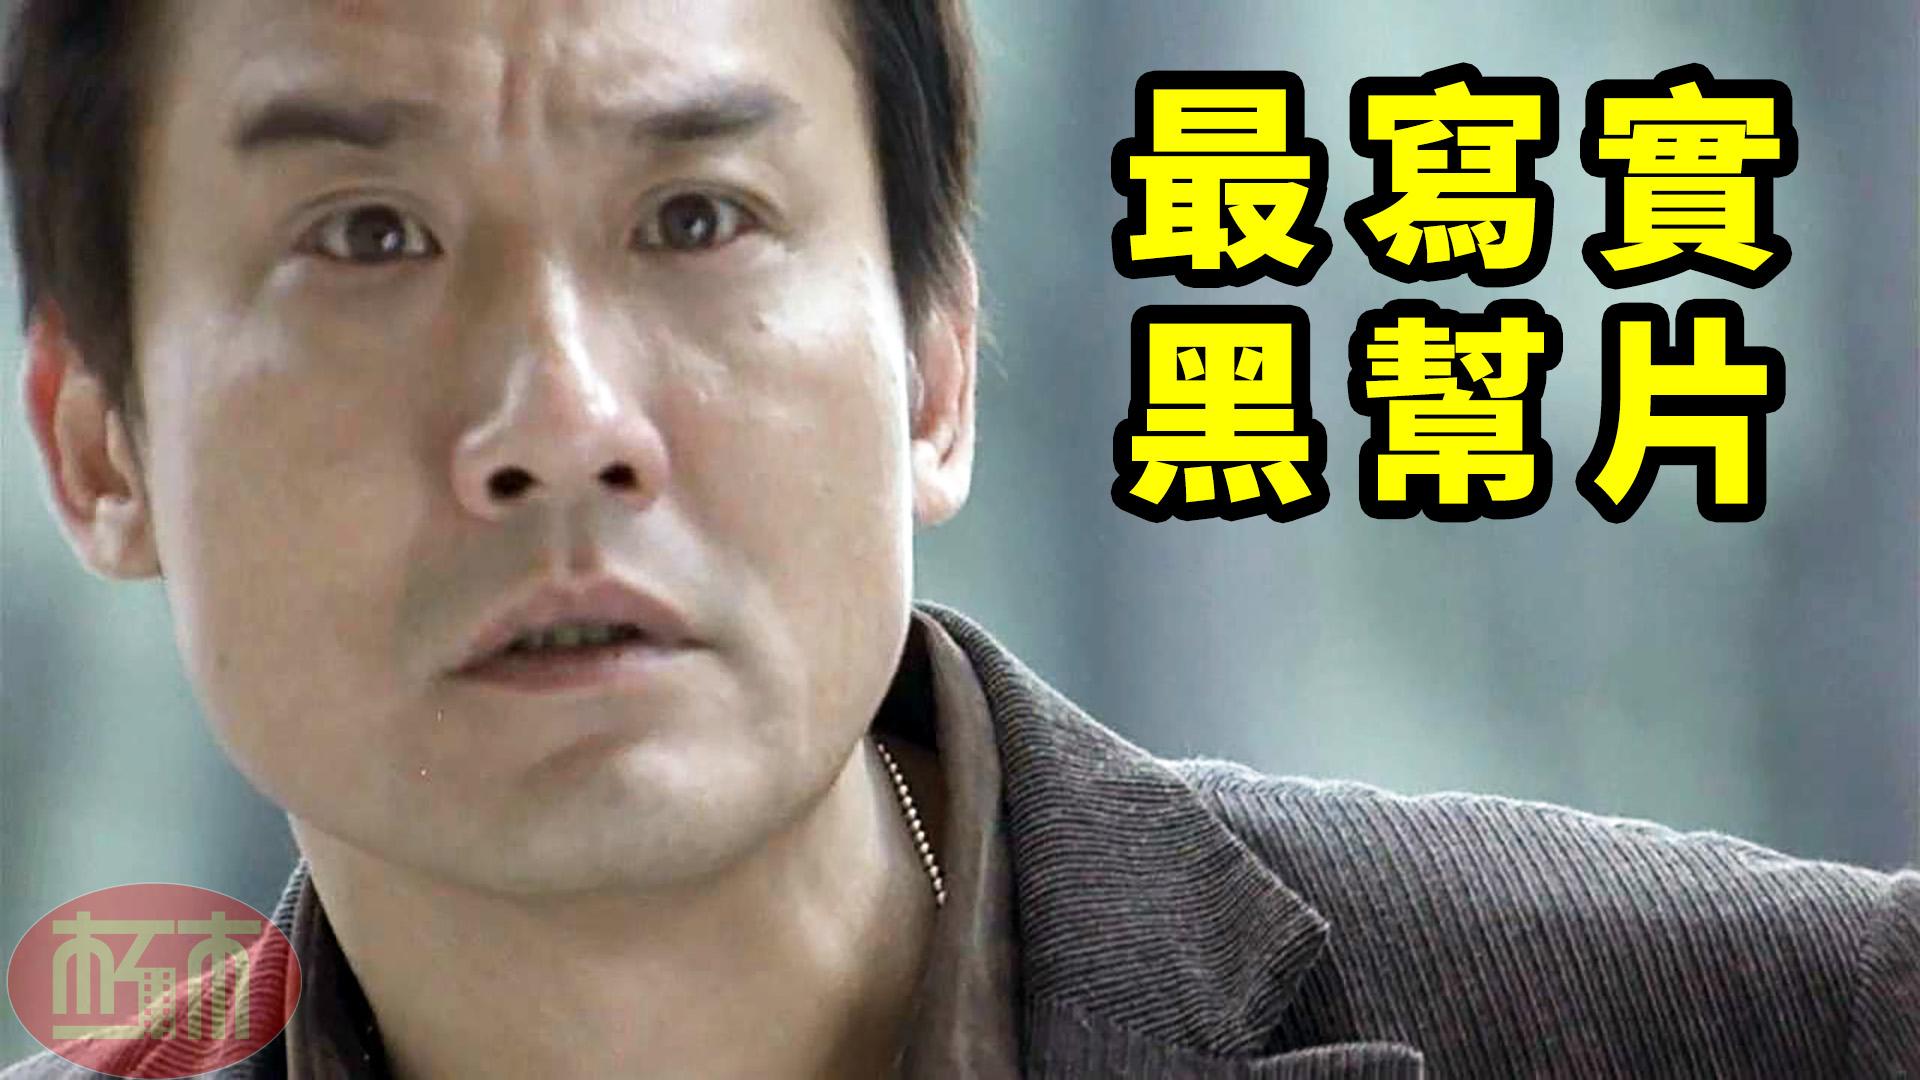 看香港警方如何监控,比狗仔队厉害,所有坏人都无处隐藏《跟踪》